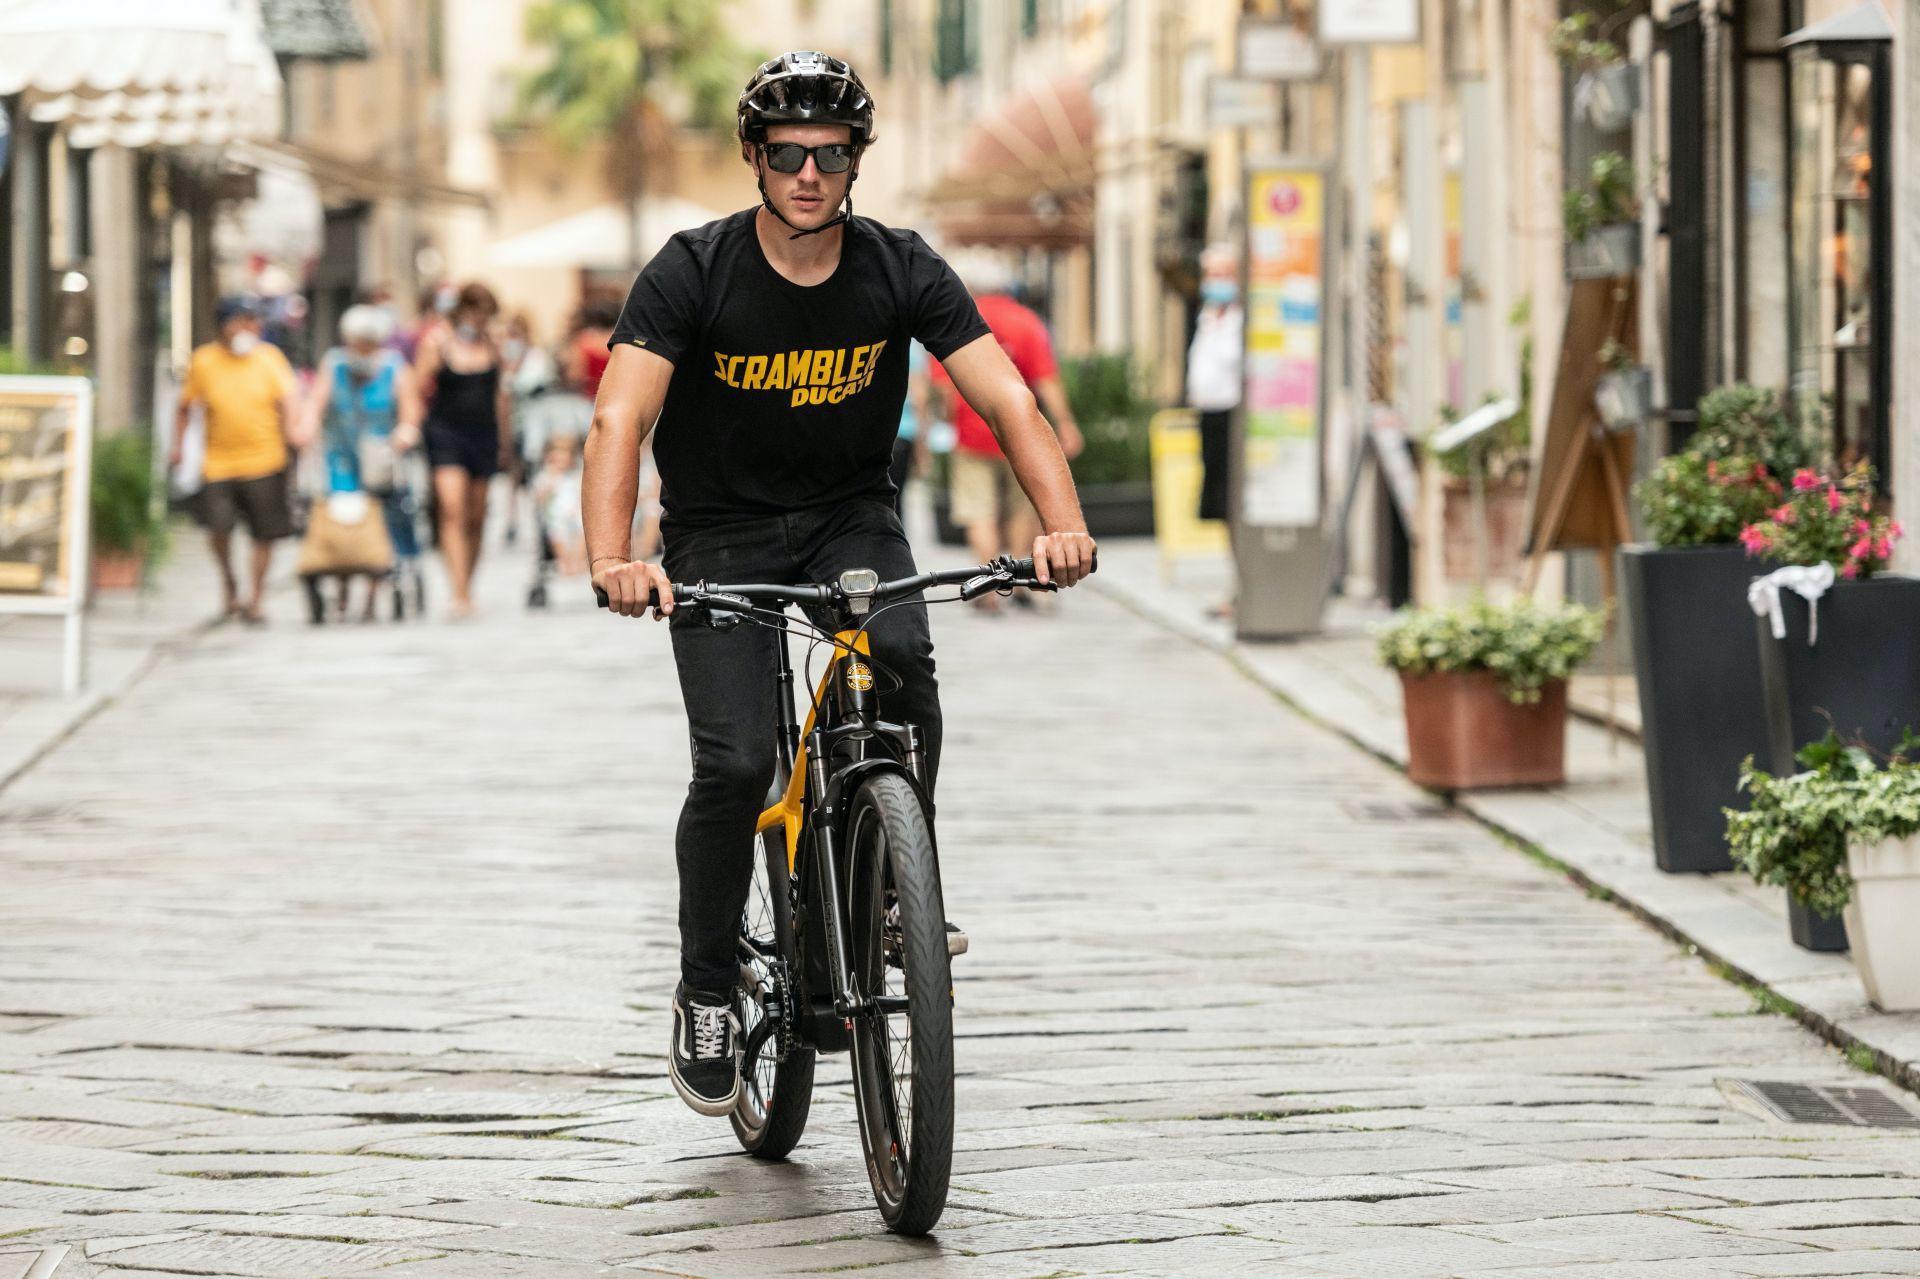 Khám phá xe đạp điện của Ducati có giá lên tới trăm triệu đồng Ảnh 1